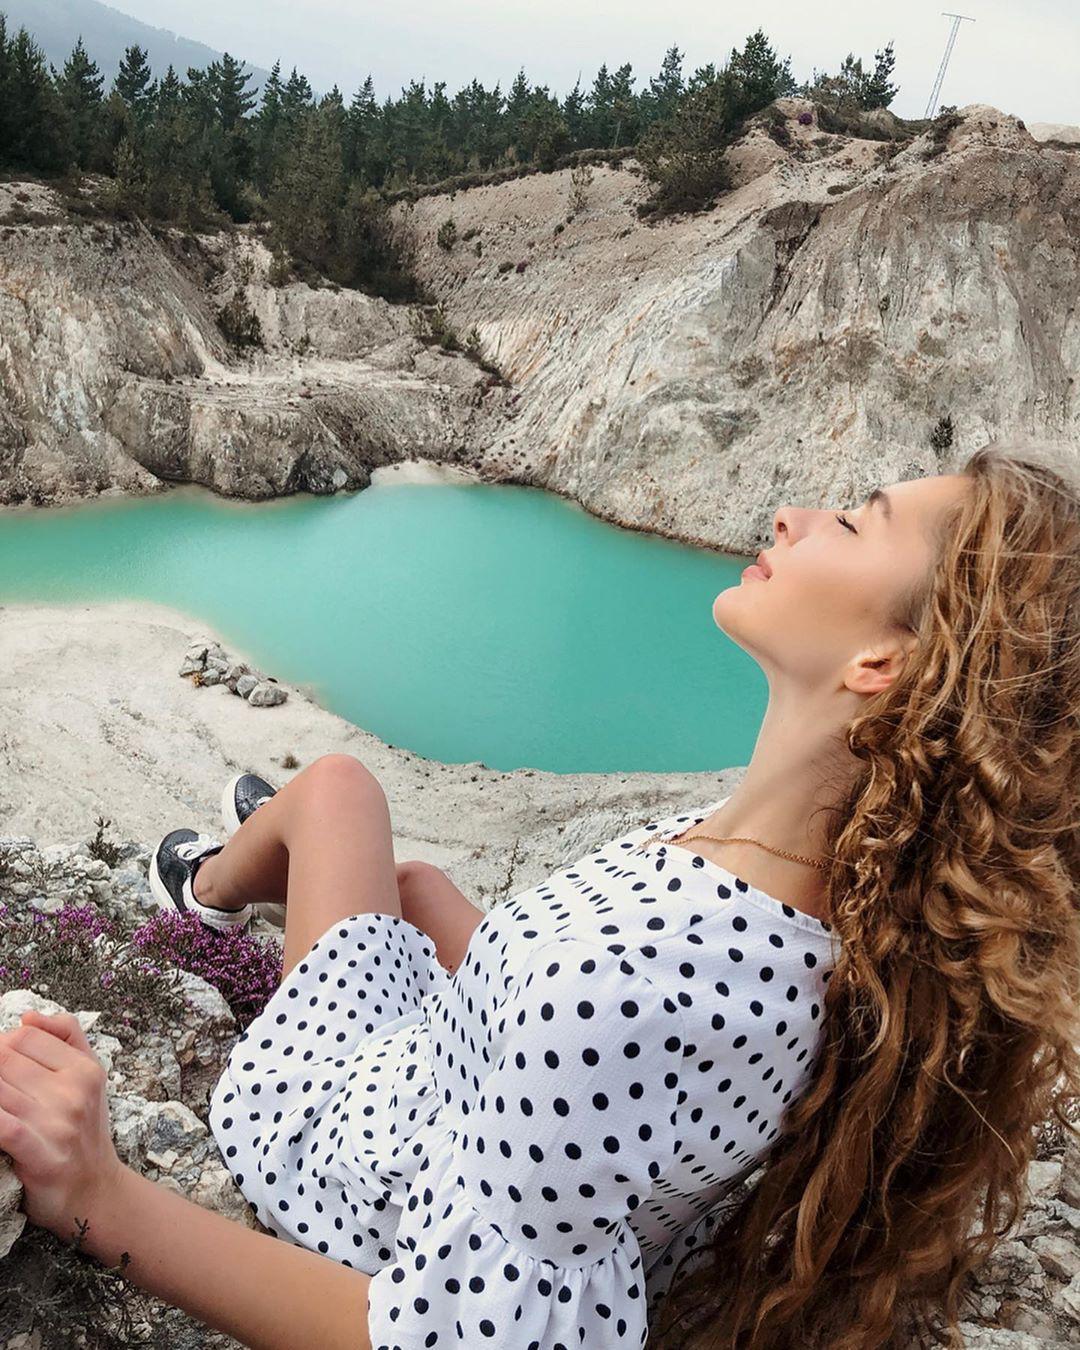 Sốc: Nhập viện hàng loạt sau khi bơi, hồ nước xanh lam nổi tiếng Tây Ban Nha này chính là hiểm họa với du khách - Ảnh 14.